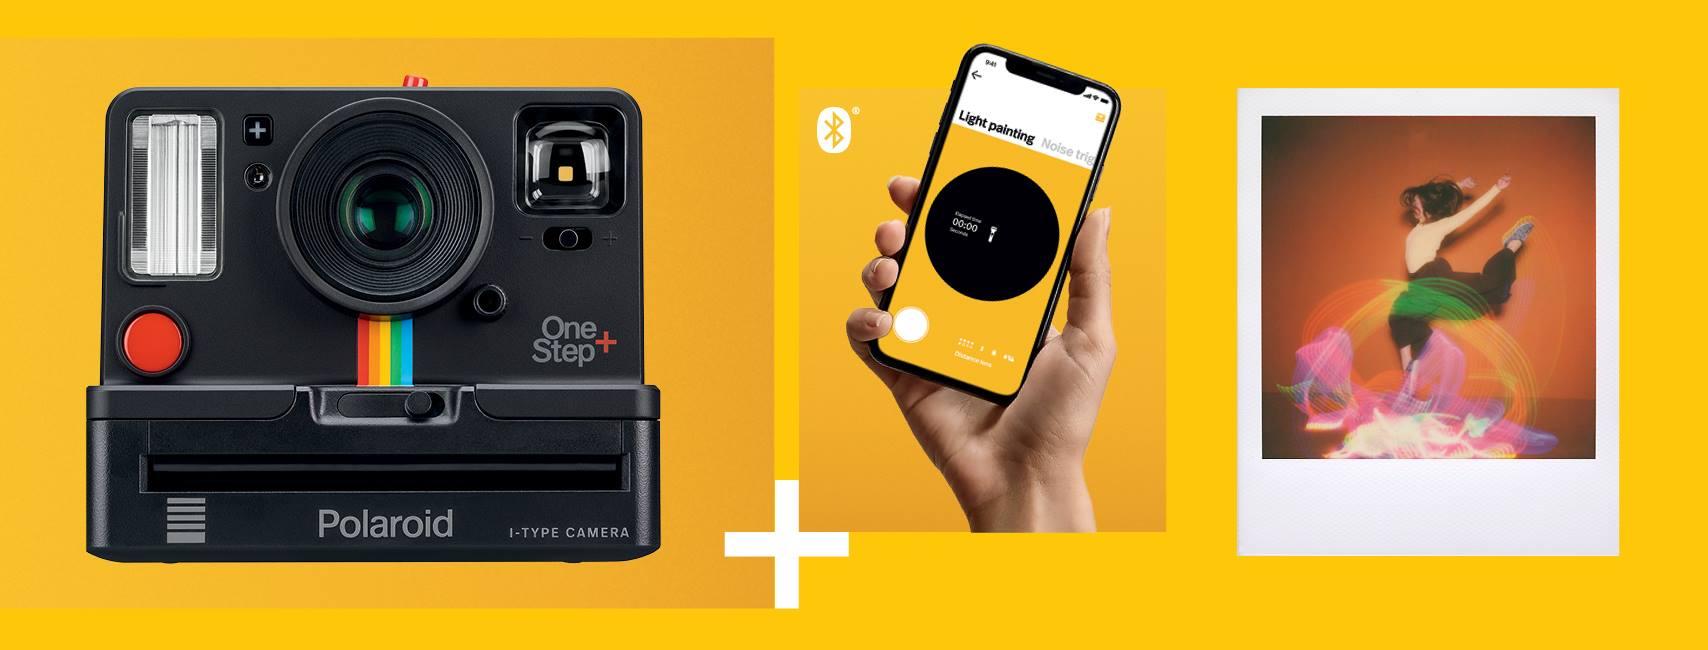 Nüüd saadaval rohkete võimalustega Polaroid OneStep+ kiirpildikaamera